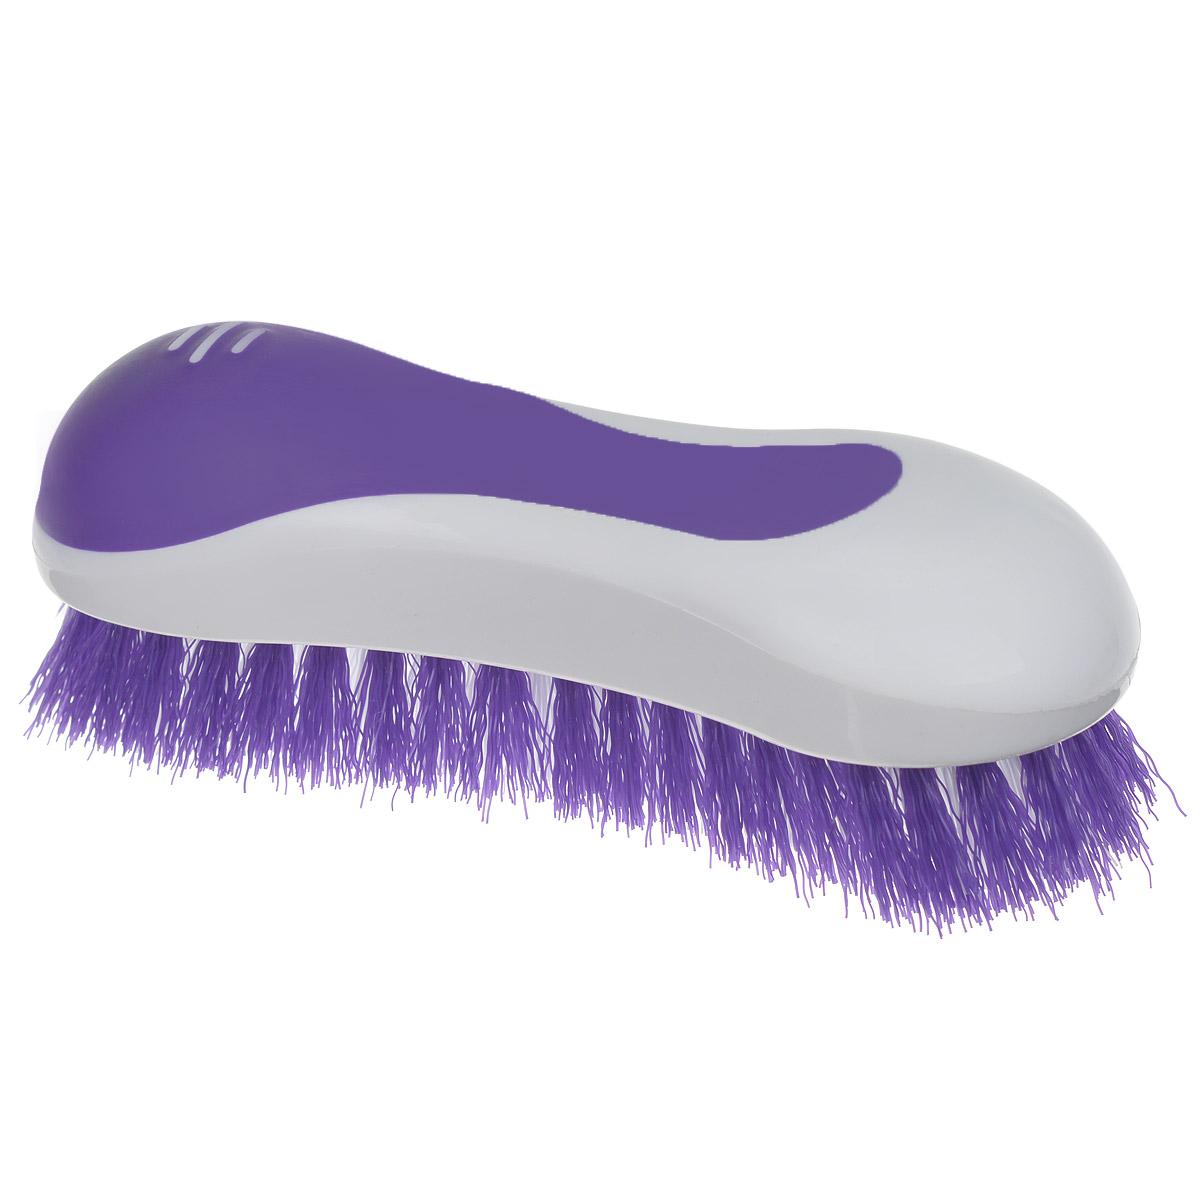 Еврощетка Home Queen, универсальная, цвет: фиолетовый, белый57572Еврощетка Home Queen, выполненная из полипропилена, является универсальной щеткой для очистки любых поверхностей, эффективно очищает загрязнения. Эргономичная форма для большего удобства использования.Размер: 20 см х 7 см х 7 см. Длина ворсинок: 3 см.